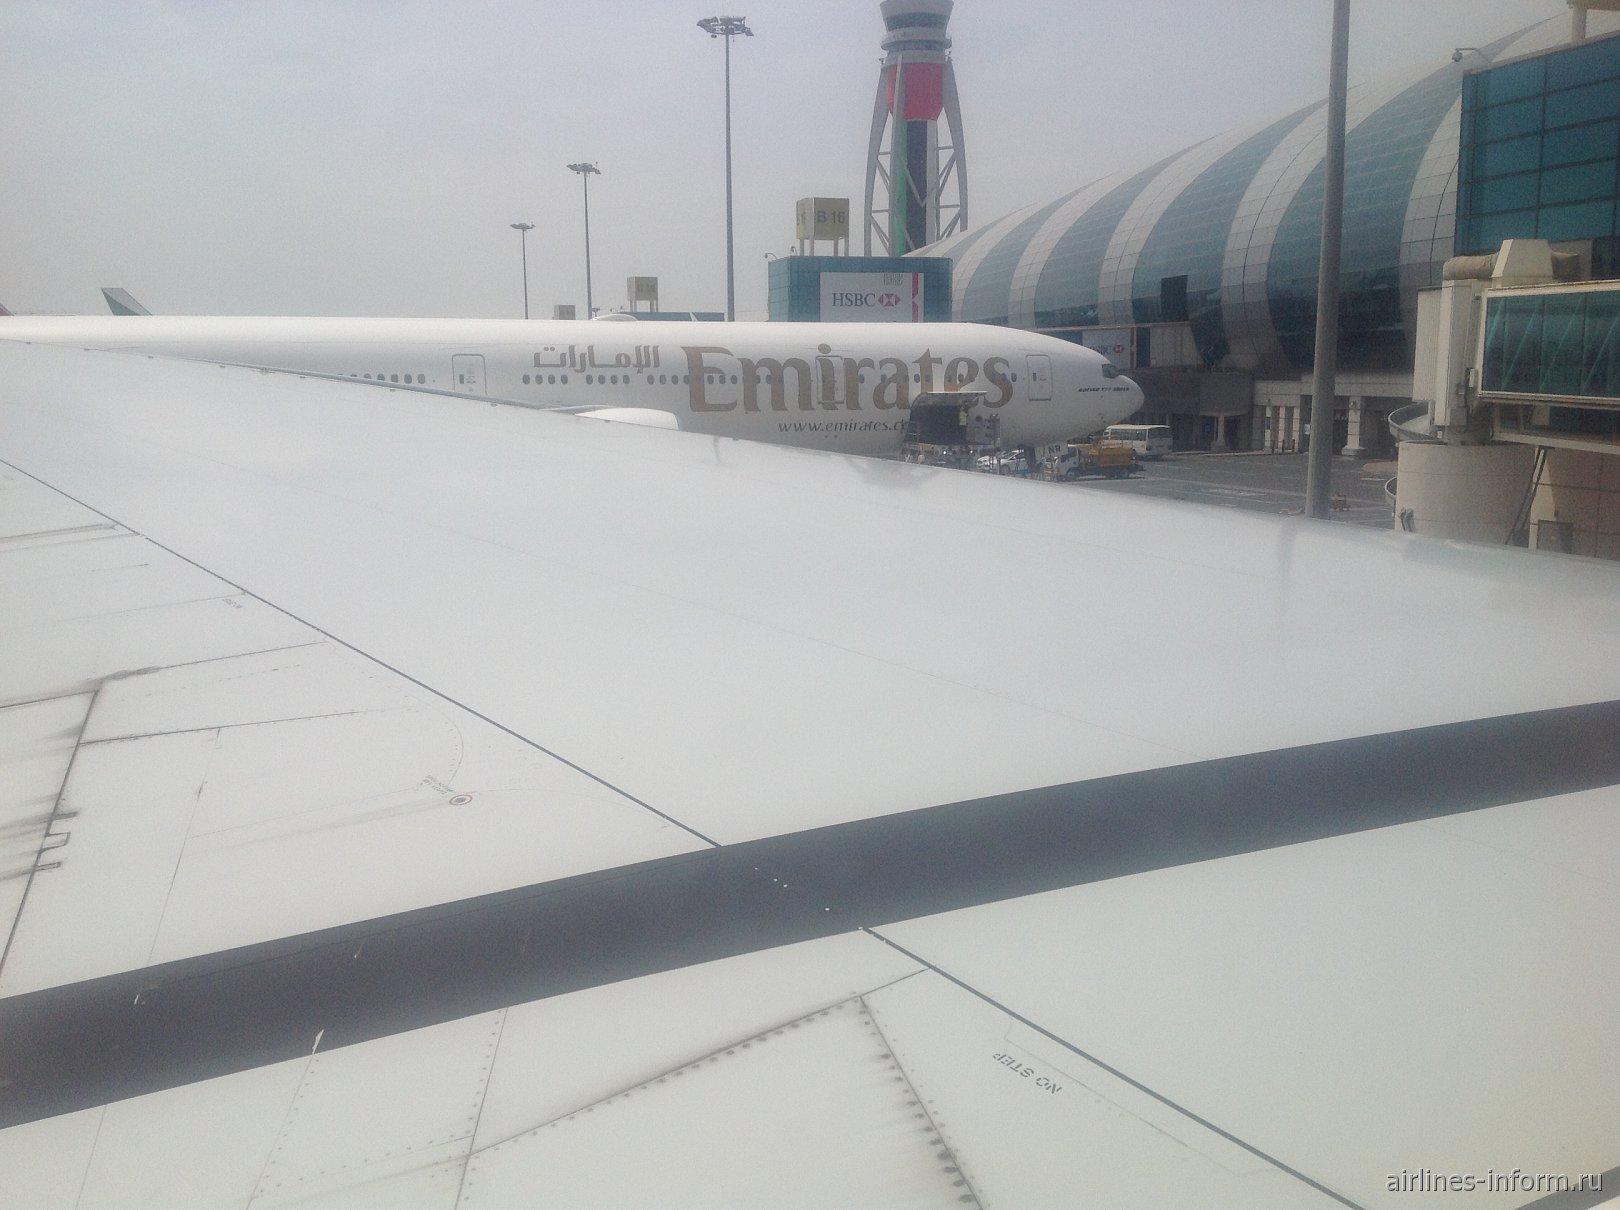 Под крыльями Евразии. Часть 7 - в Стамбул с Эмирейтс:  Дубаи (DXB) - Стамбул Ататюрк (IST) на Boeing 777-300ER (77W), рейс ЕК 121